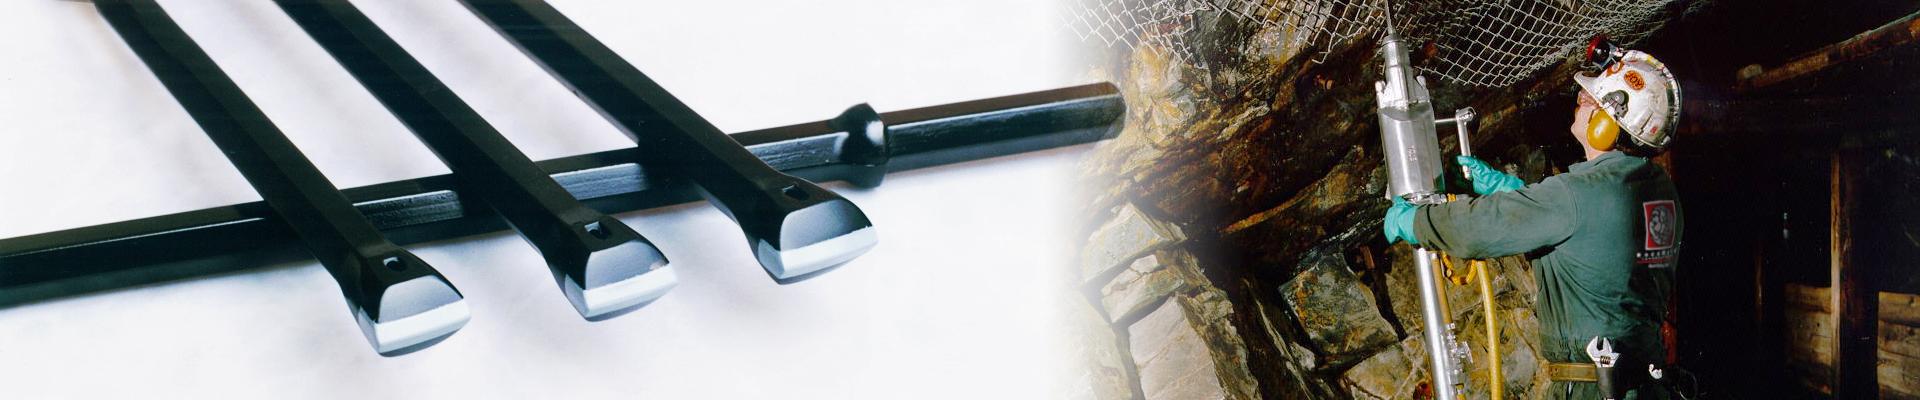 Integral drilling tools